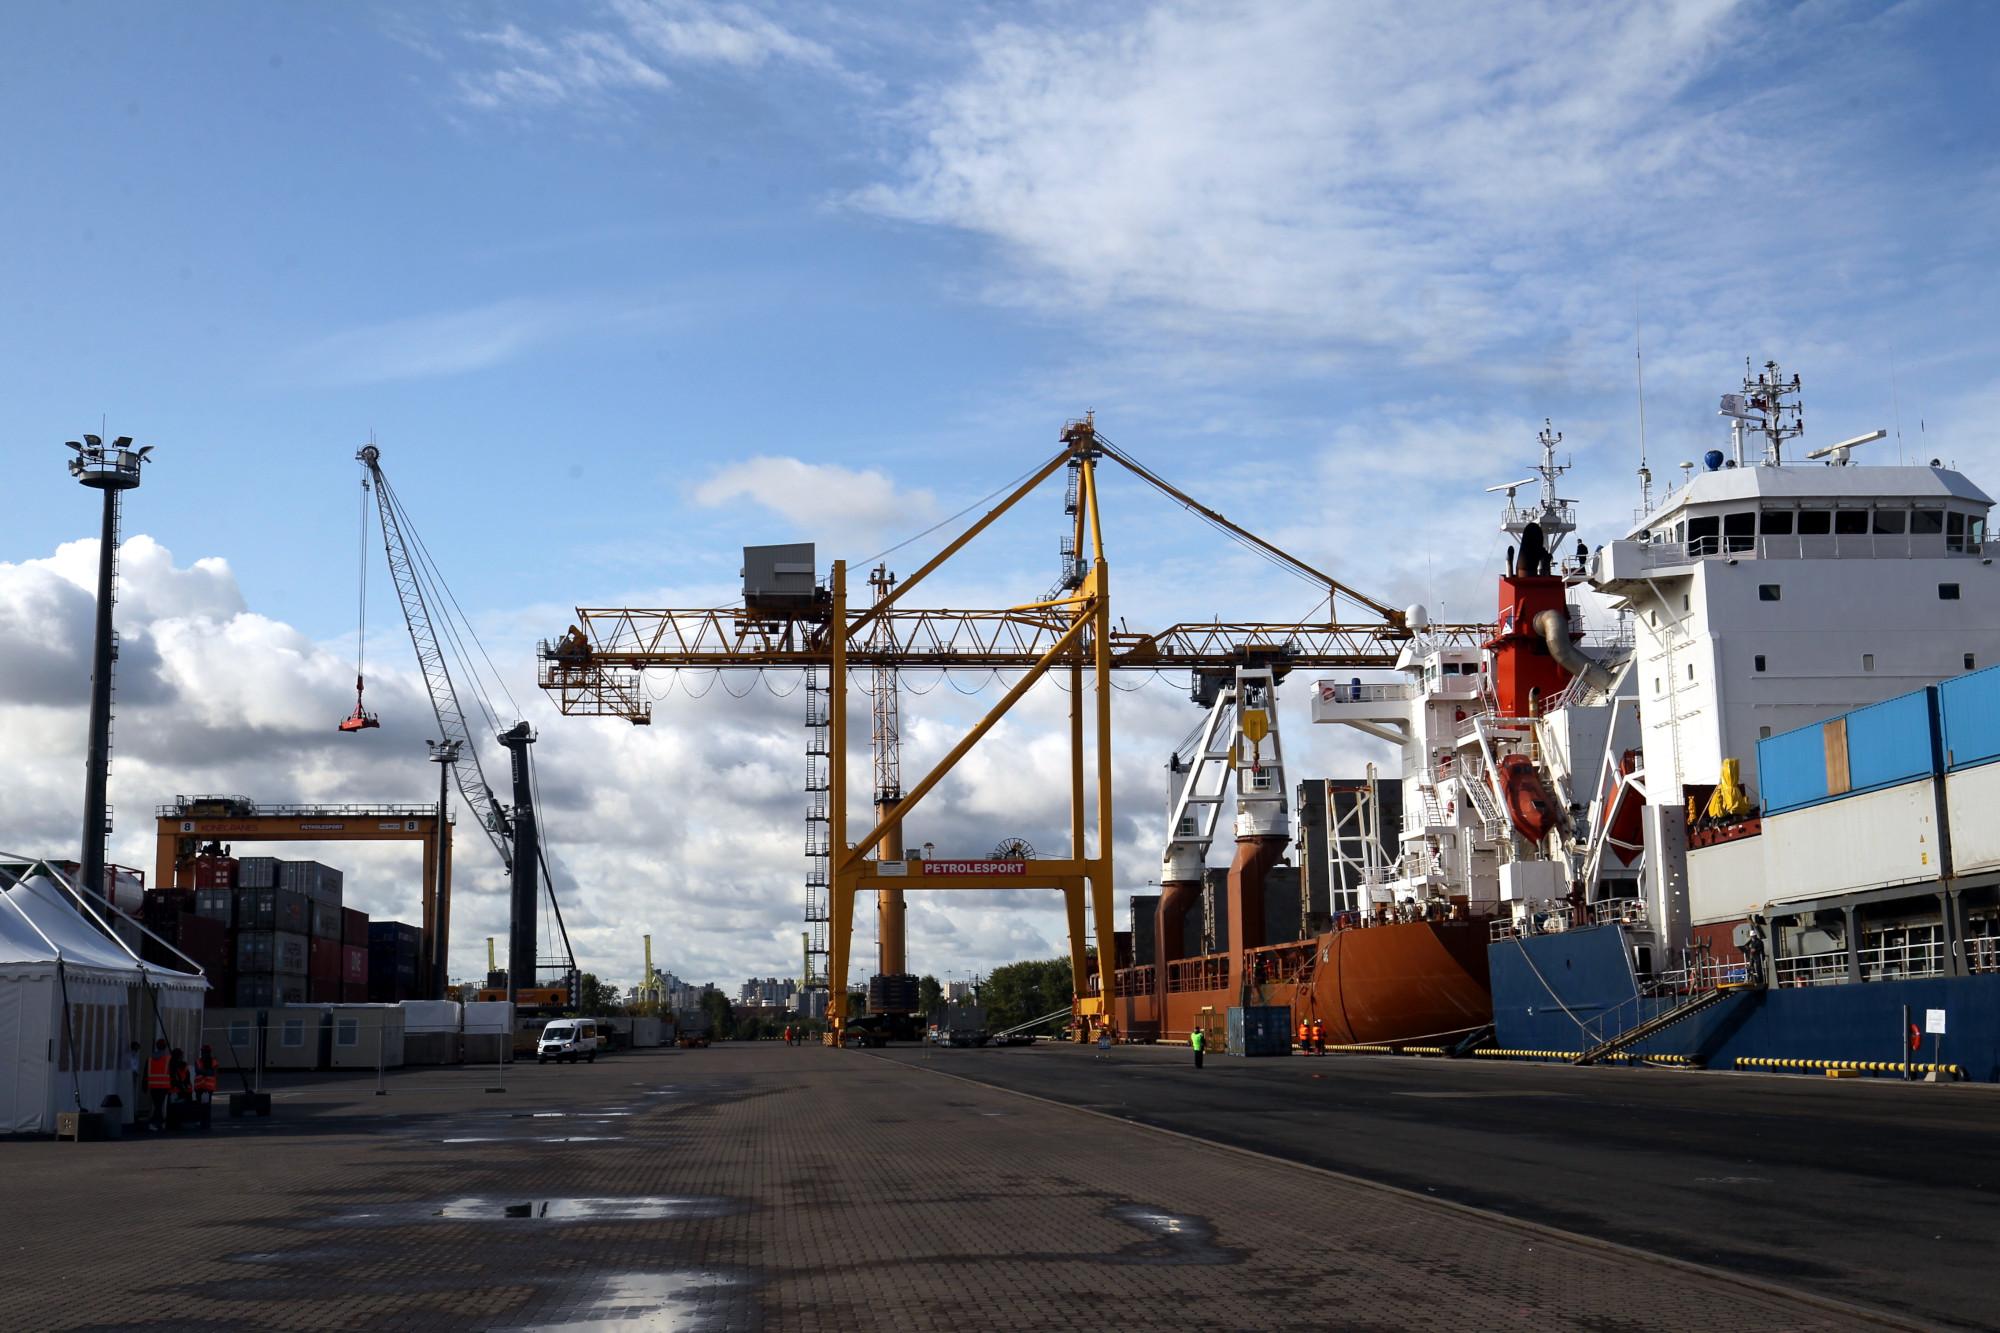 лесной порт, морской порт, грузоперевозки, суда, судоходство